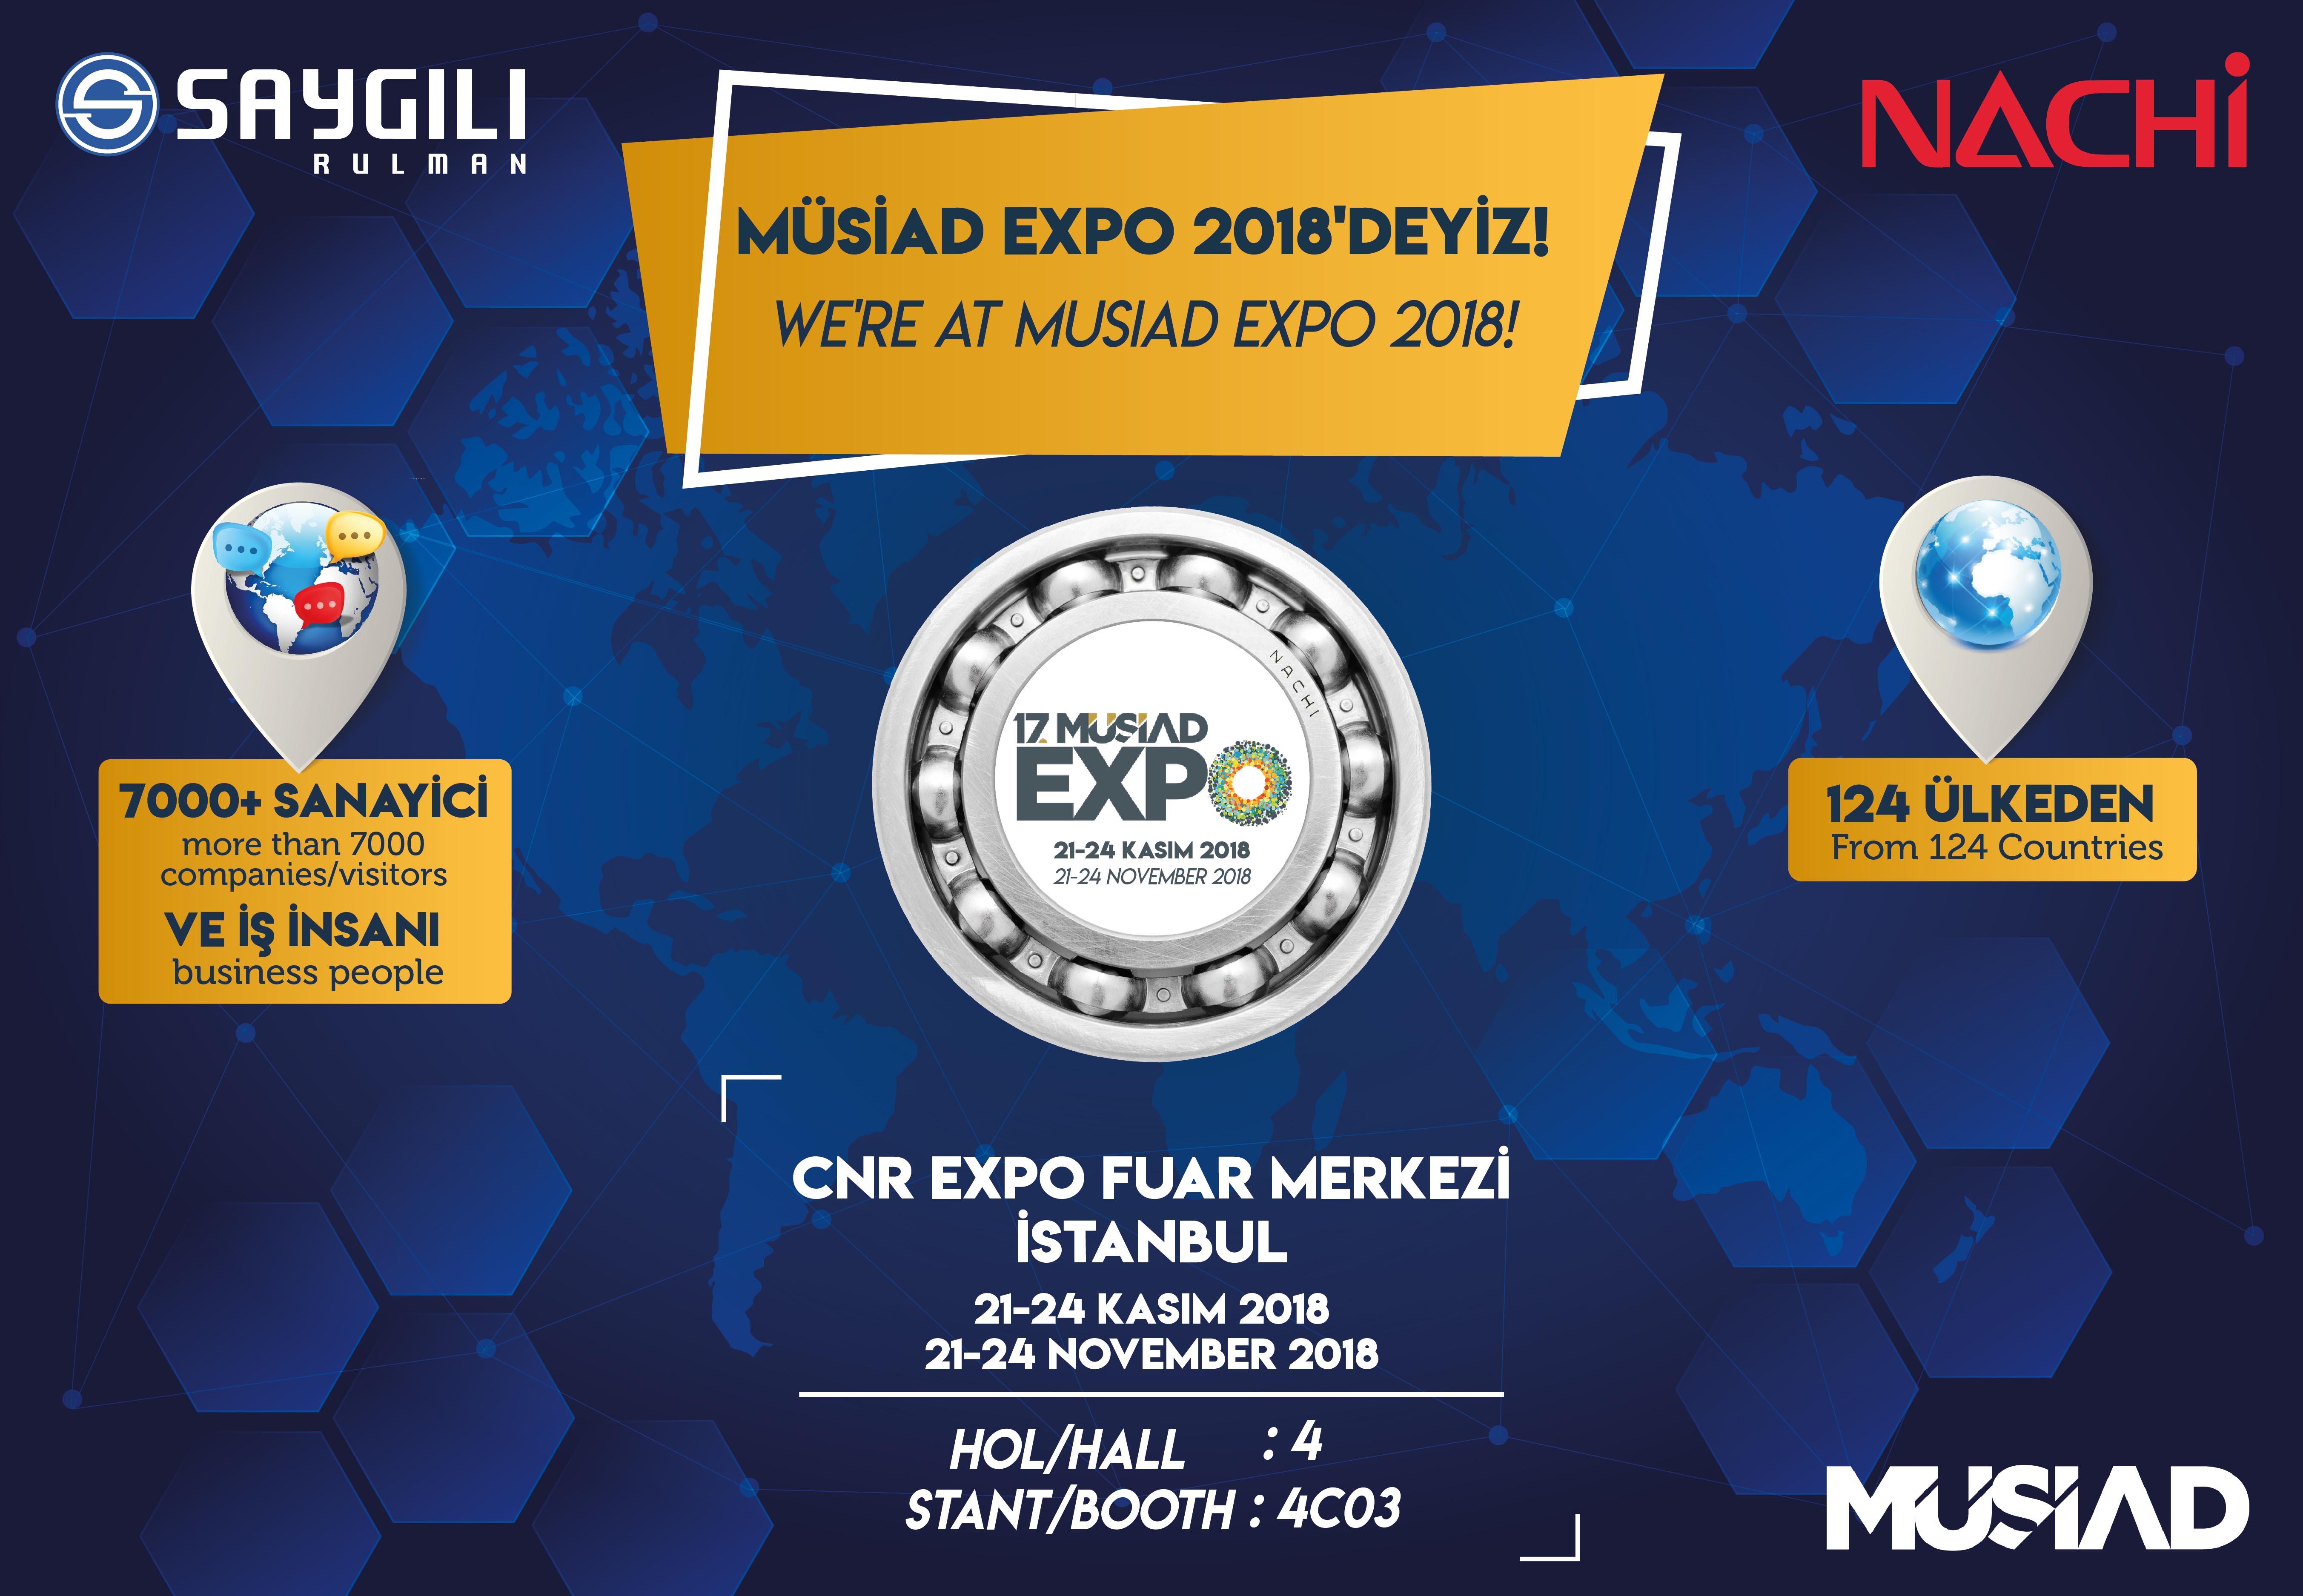 MÜSİAD EXPO 2018'DEYİZ!